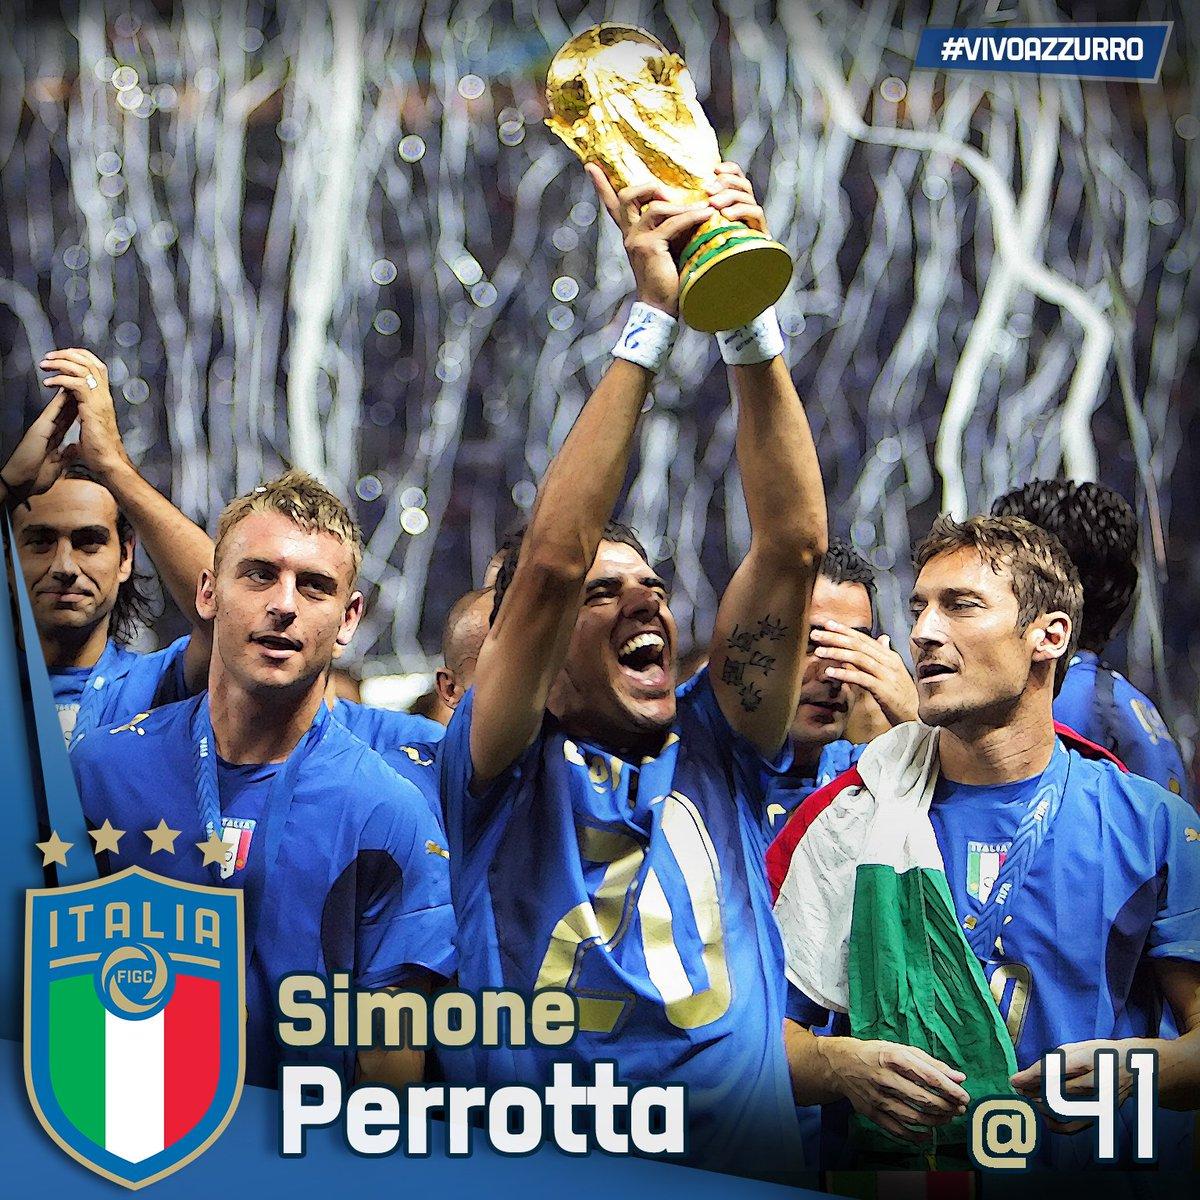 Buon compleanno a Simone #Perrotta! 48 presenze in #Nazionale 2 #gol#Mondiale 2006 #Europeo #Under21 2000 #AshtonUnderLyne, #17settembre 1971L\